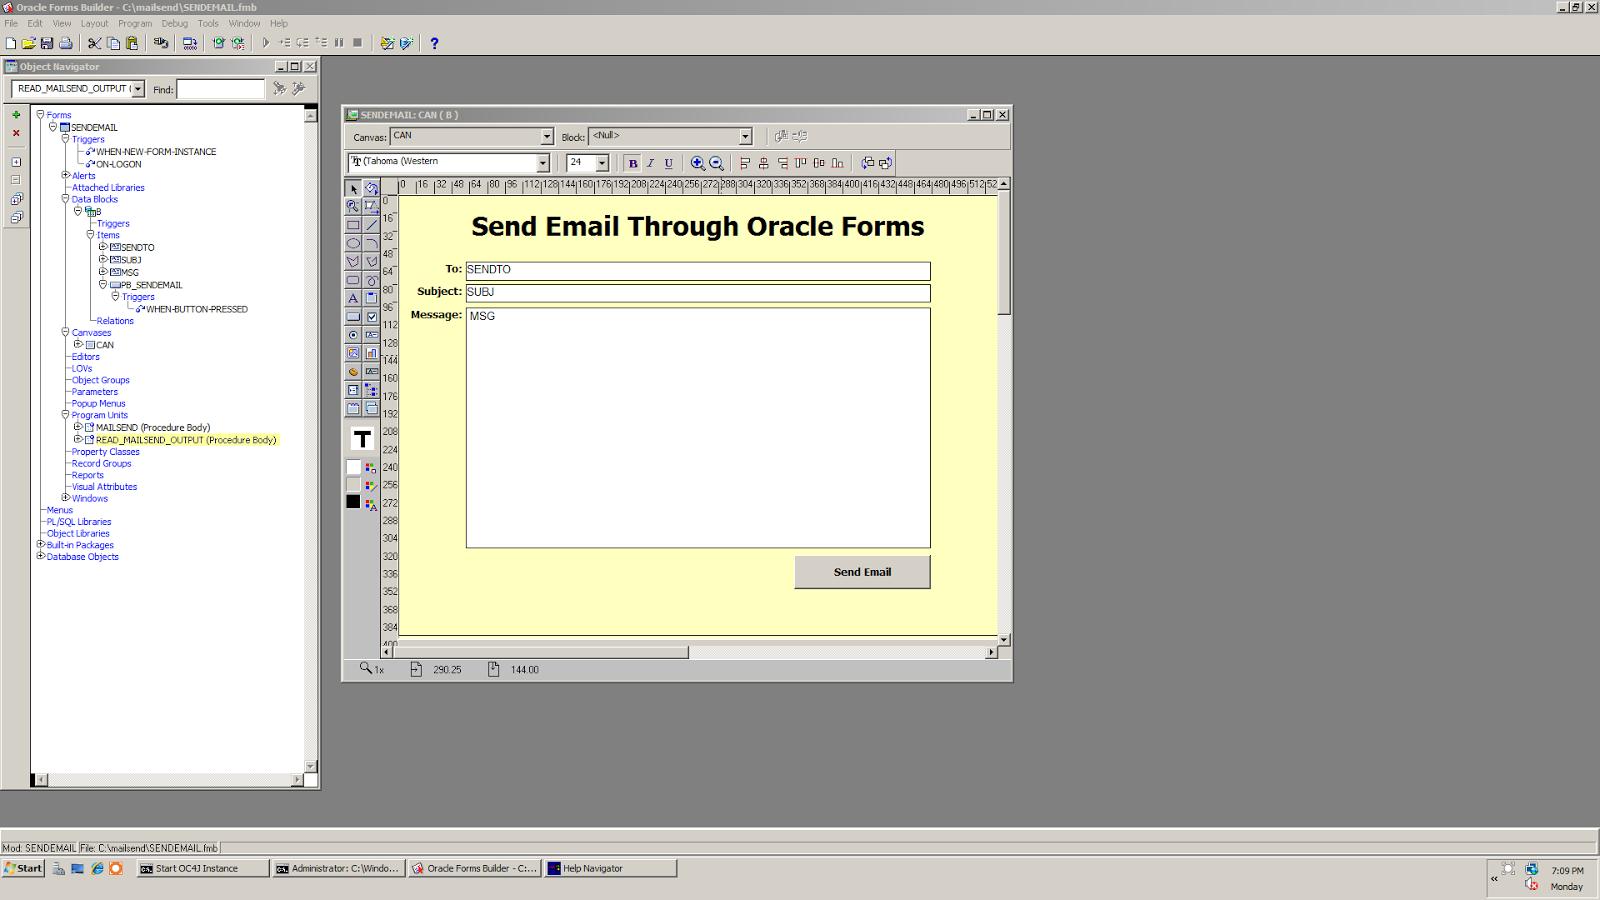 Hasan Jawaid: Send Email via Oracle Forms